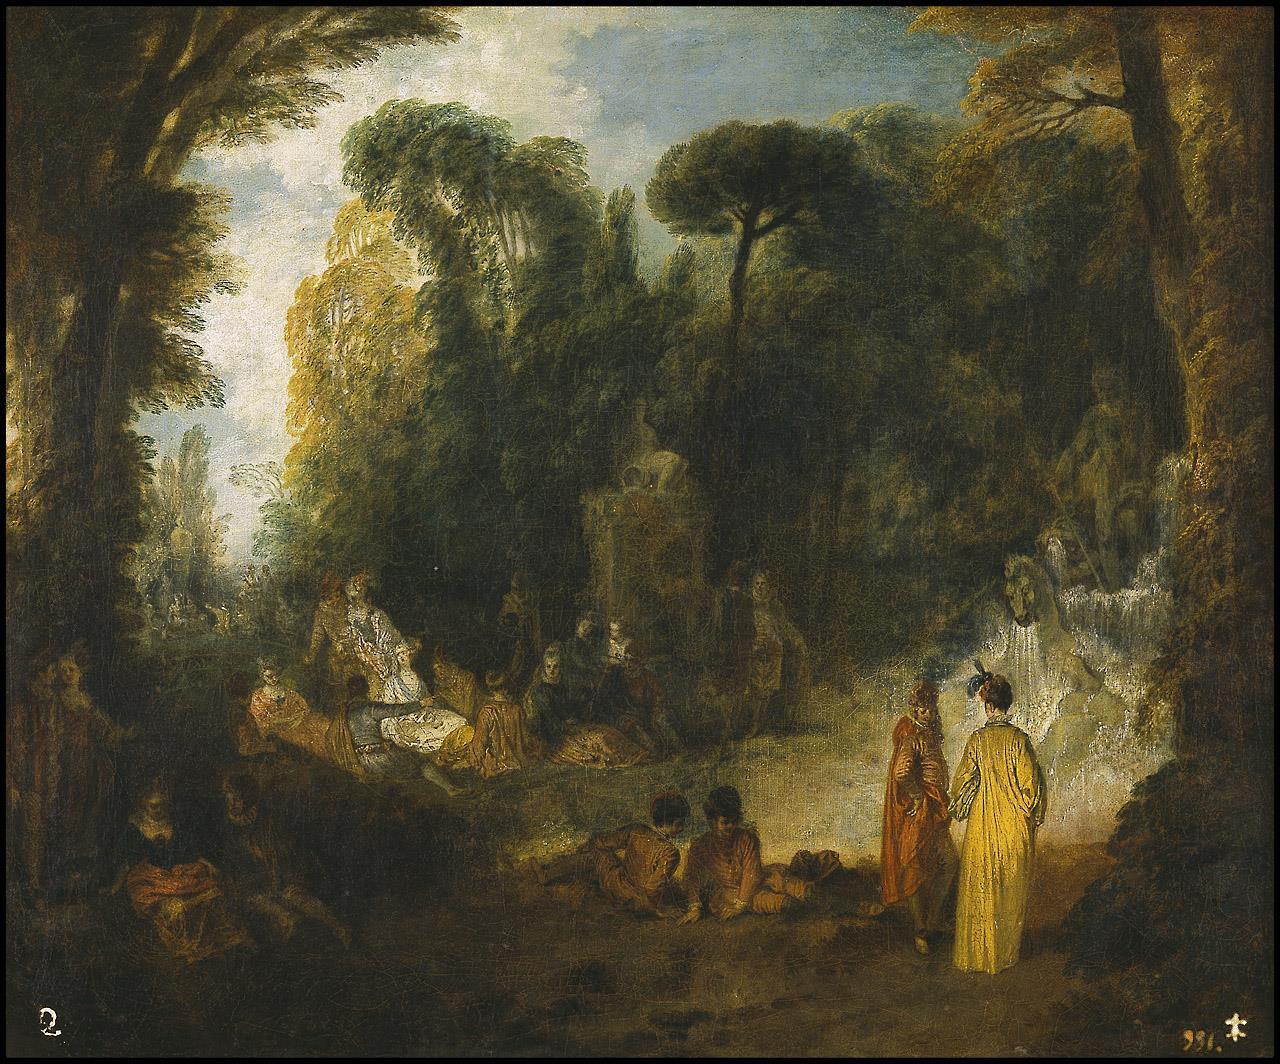 Watteau, Jean-Antoine